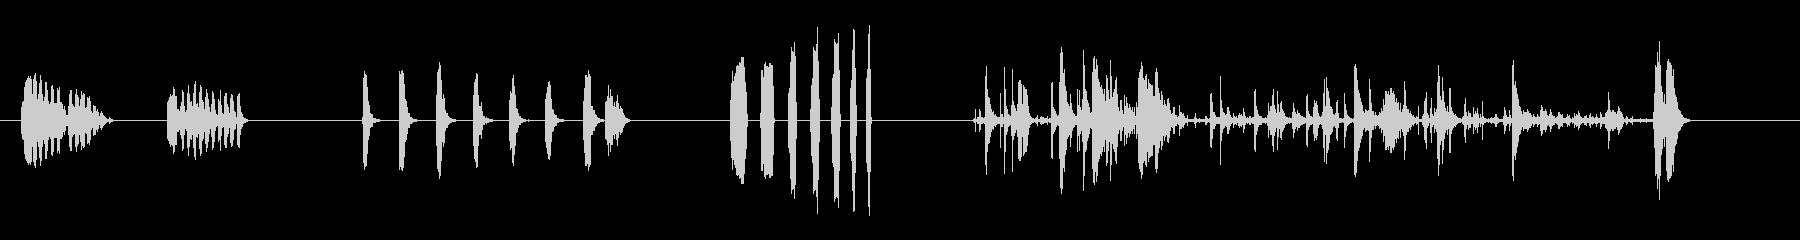 コメディオウムスコーク_07Us0...の未再生の波形